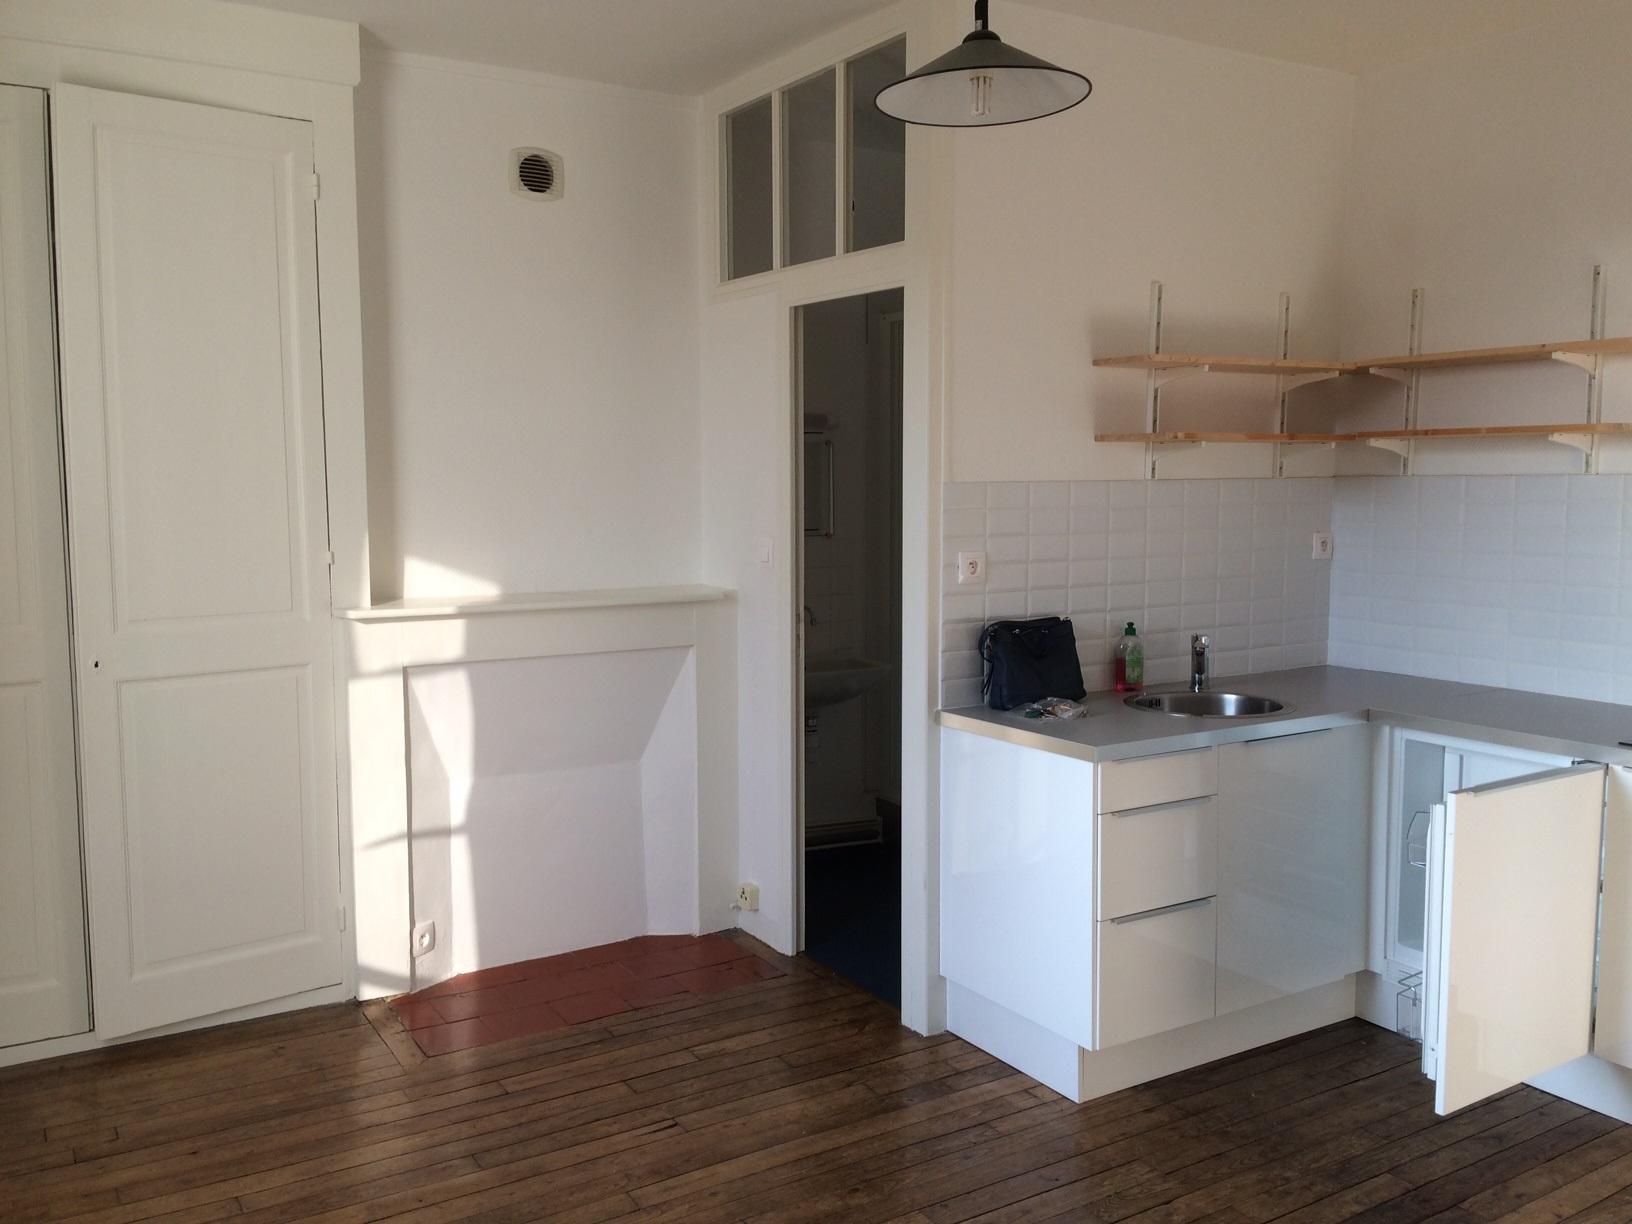 T2 Meuble- Rennes Thabor | Art'office Immobilier Propose Aux à Location Meublé Rennes